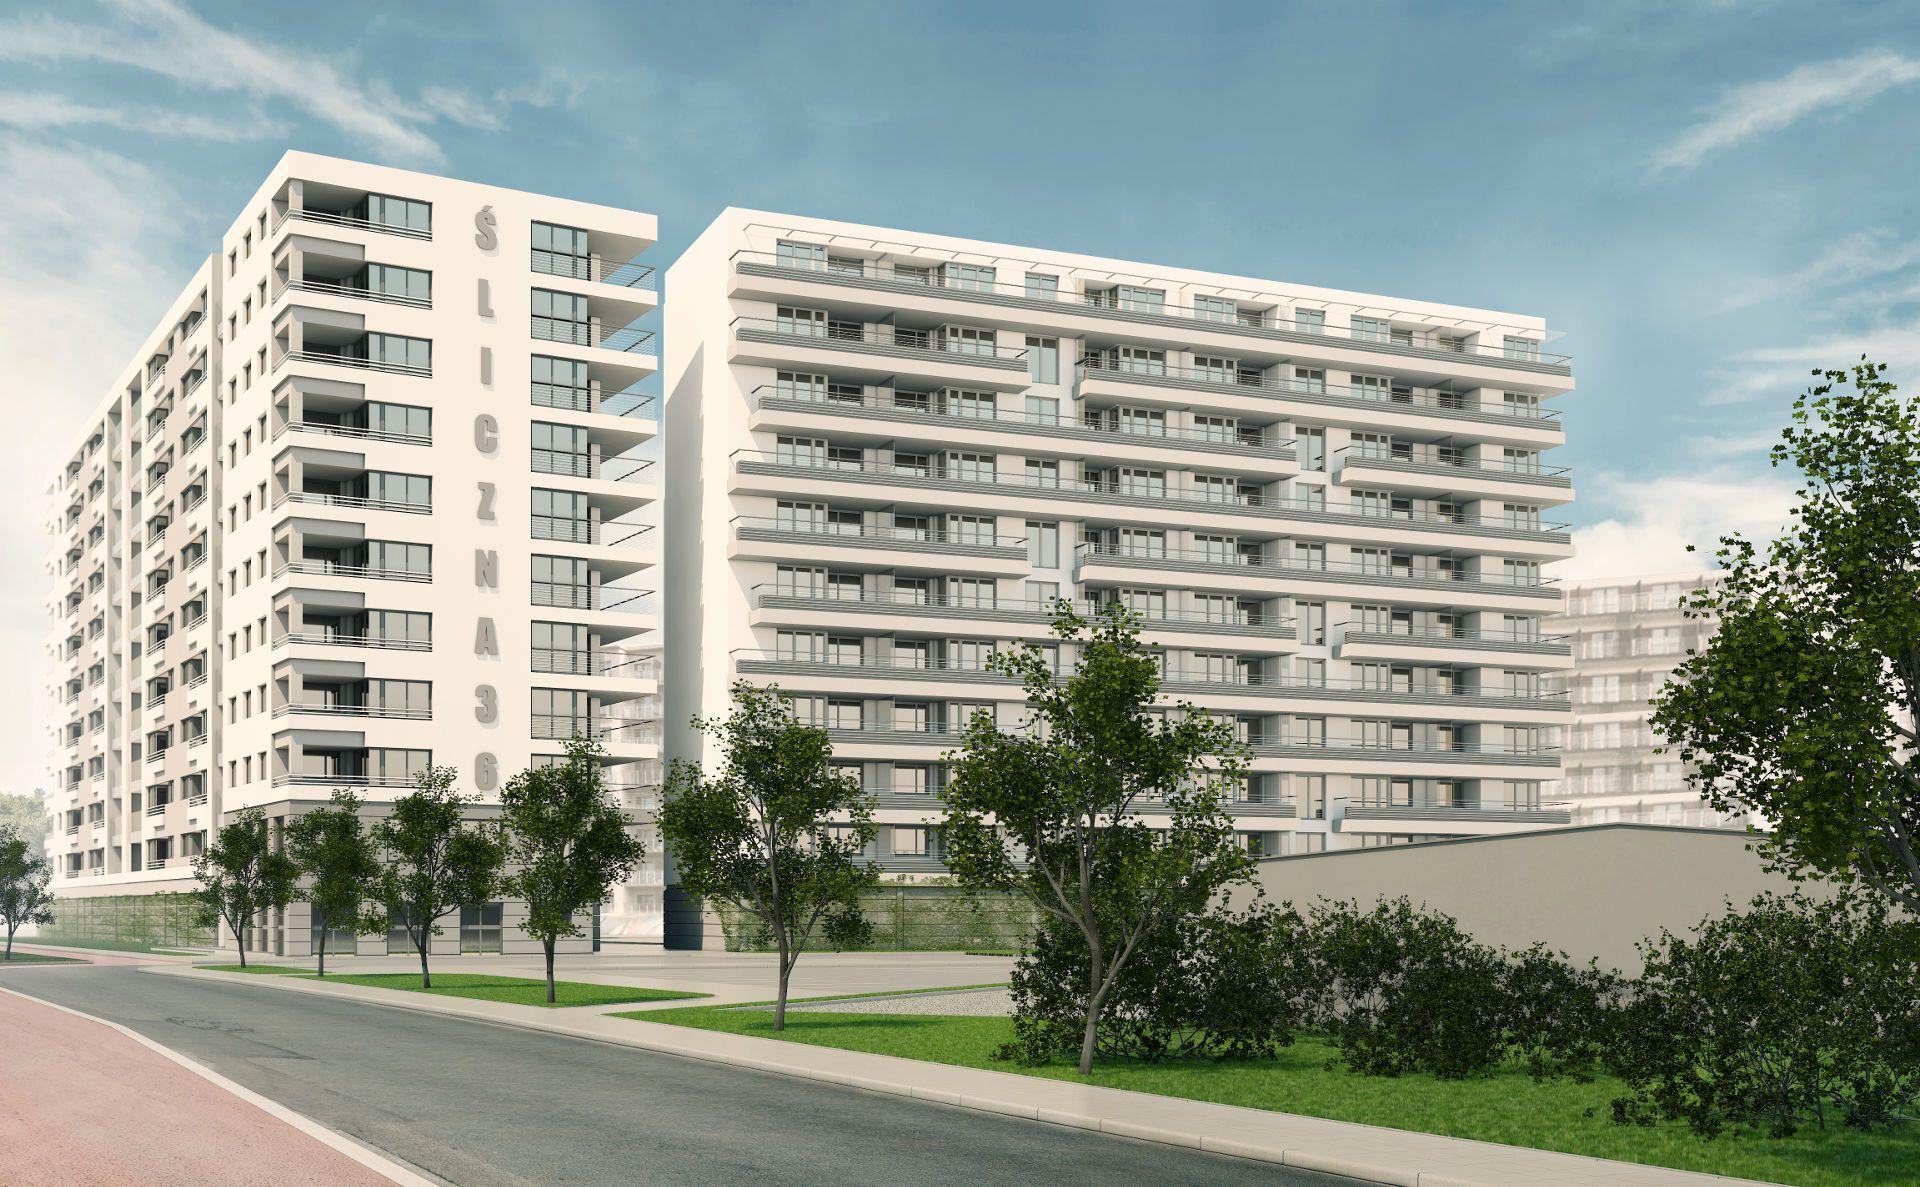 Kraków: Trwa budowa osiedla Śliczna 36i6 na Prądniku Czerwonym